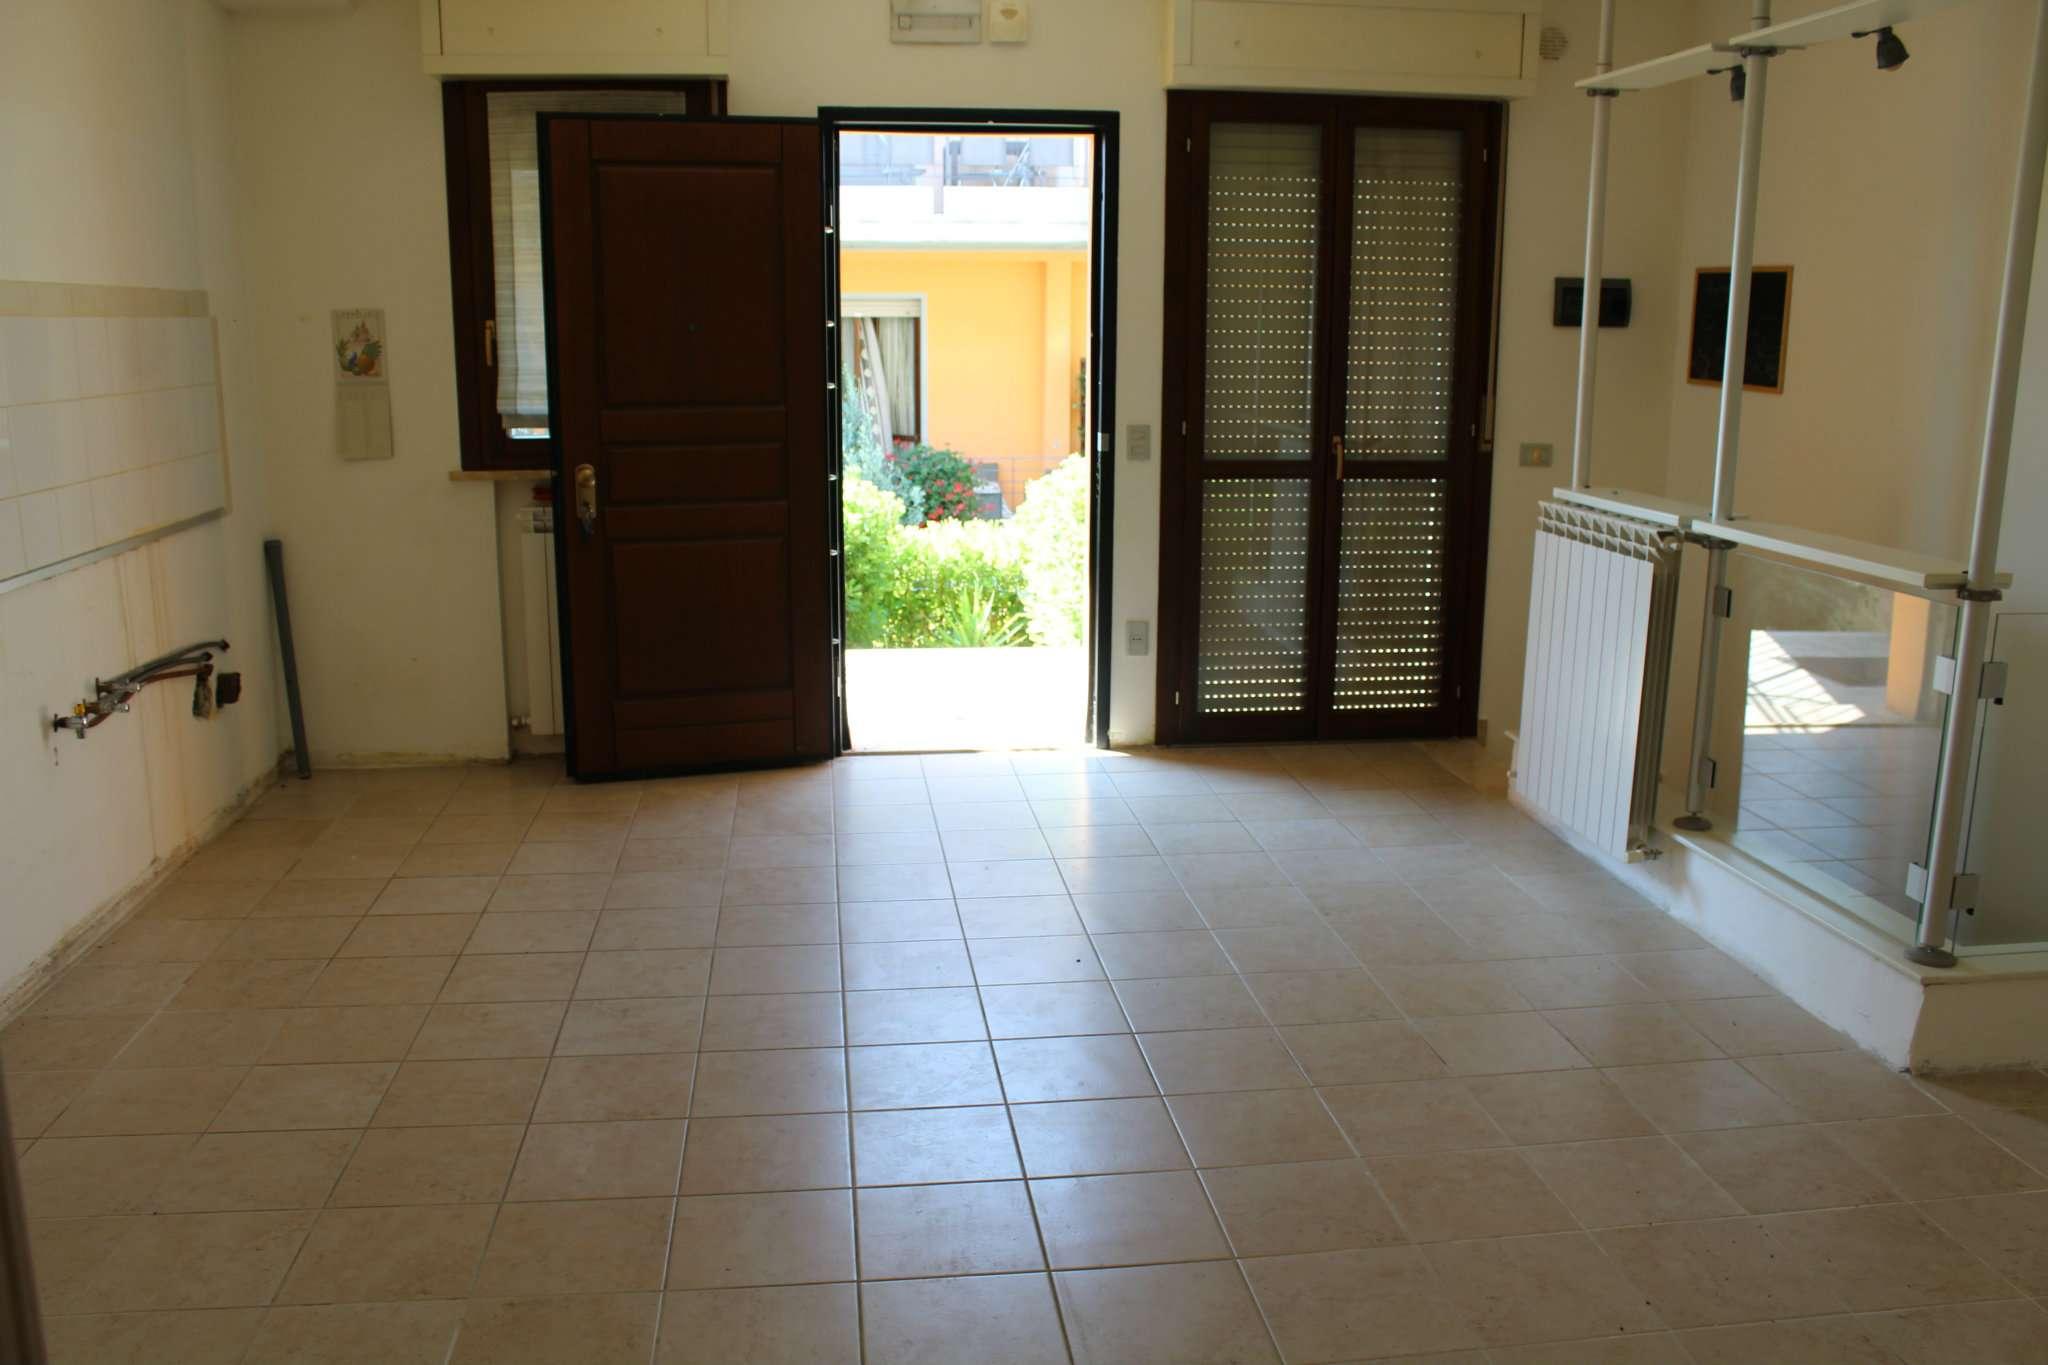 Appartamento in vendita a Tavullia, 6 locali, prezzo € 119.000 | CambioCasa.it